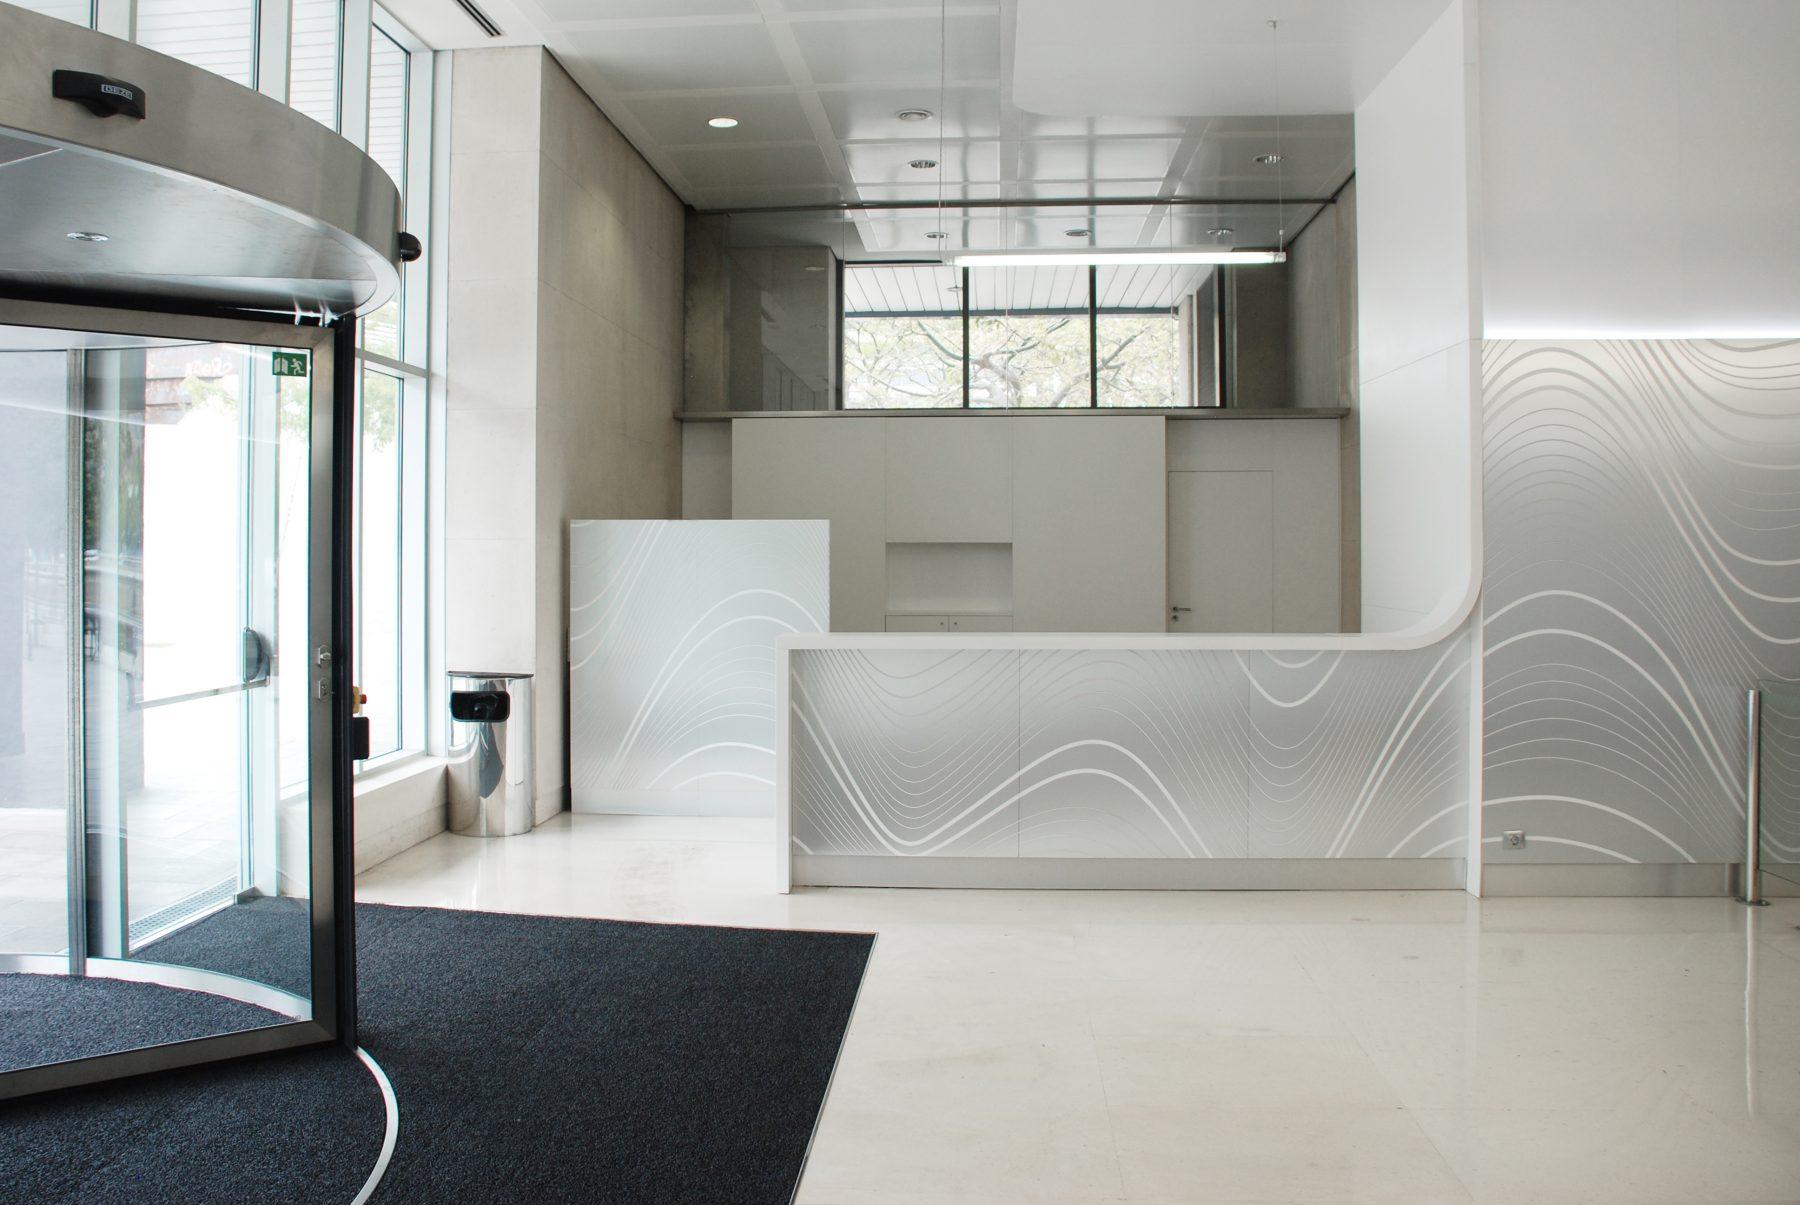 diseno_mostrador_recepcion_edificio_oficinas